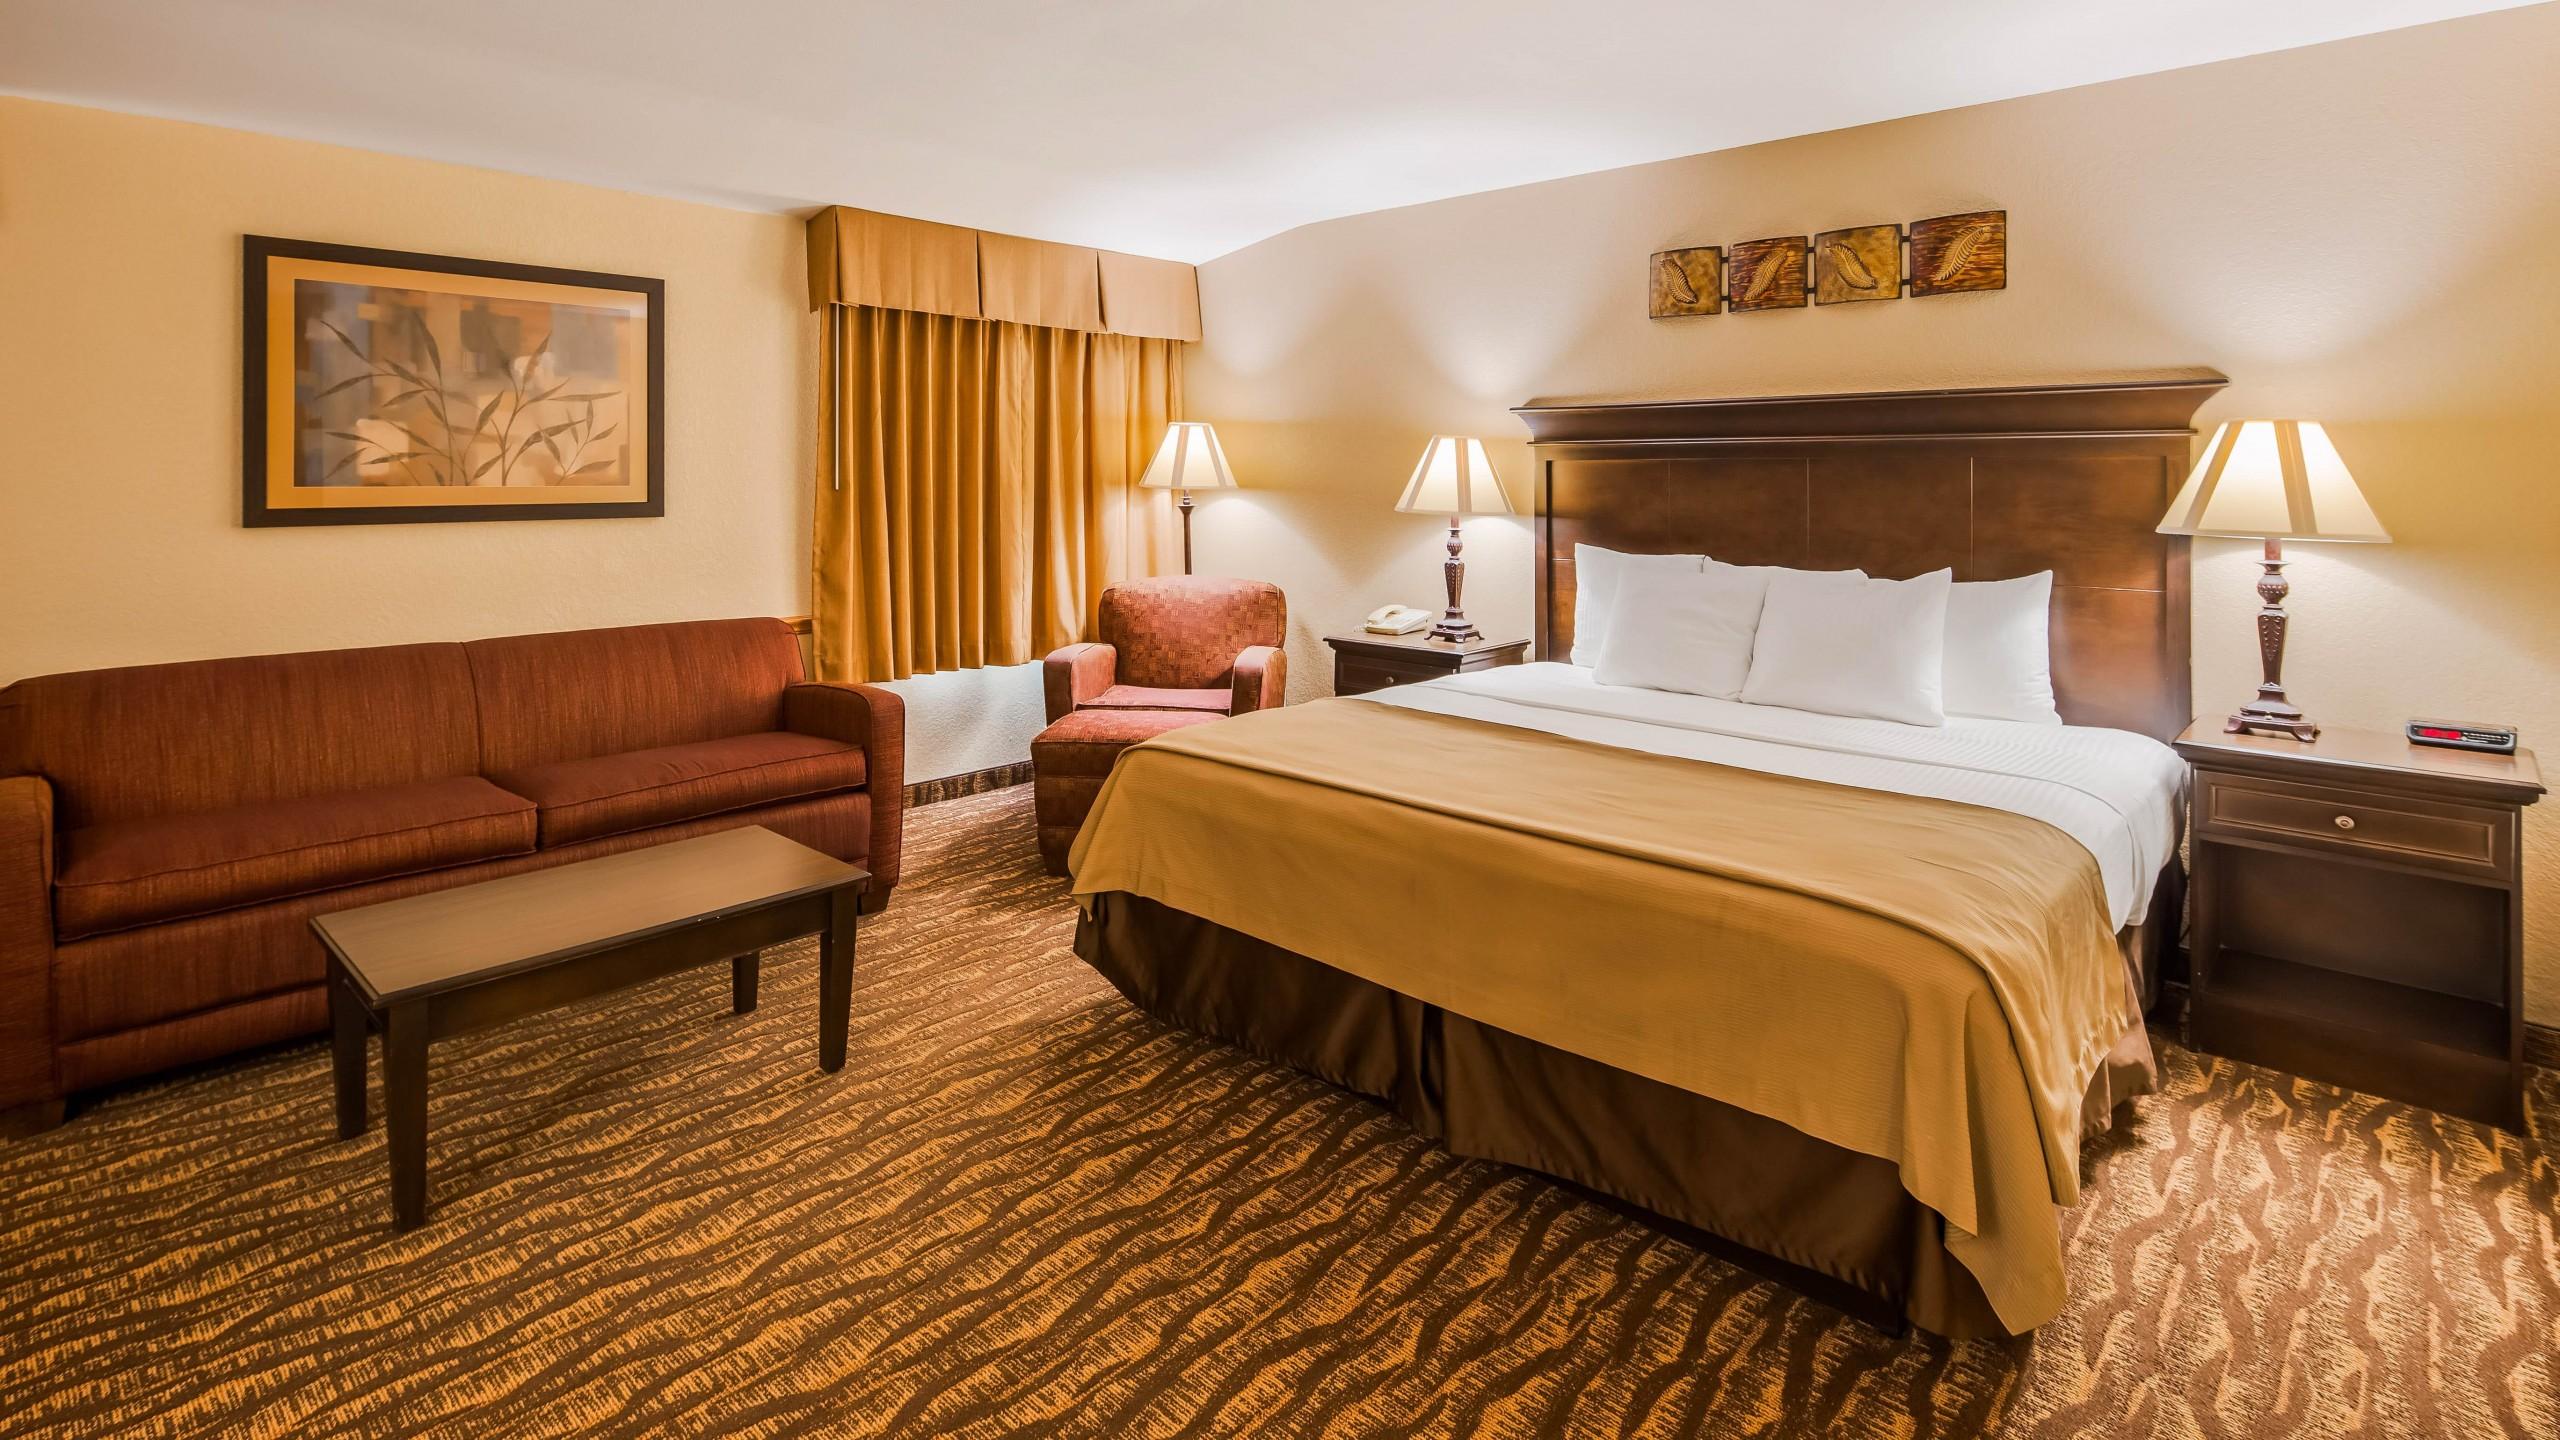 Best Western Center Pointe Inn King Suite